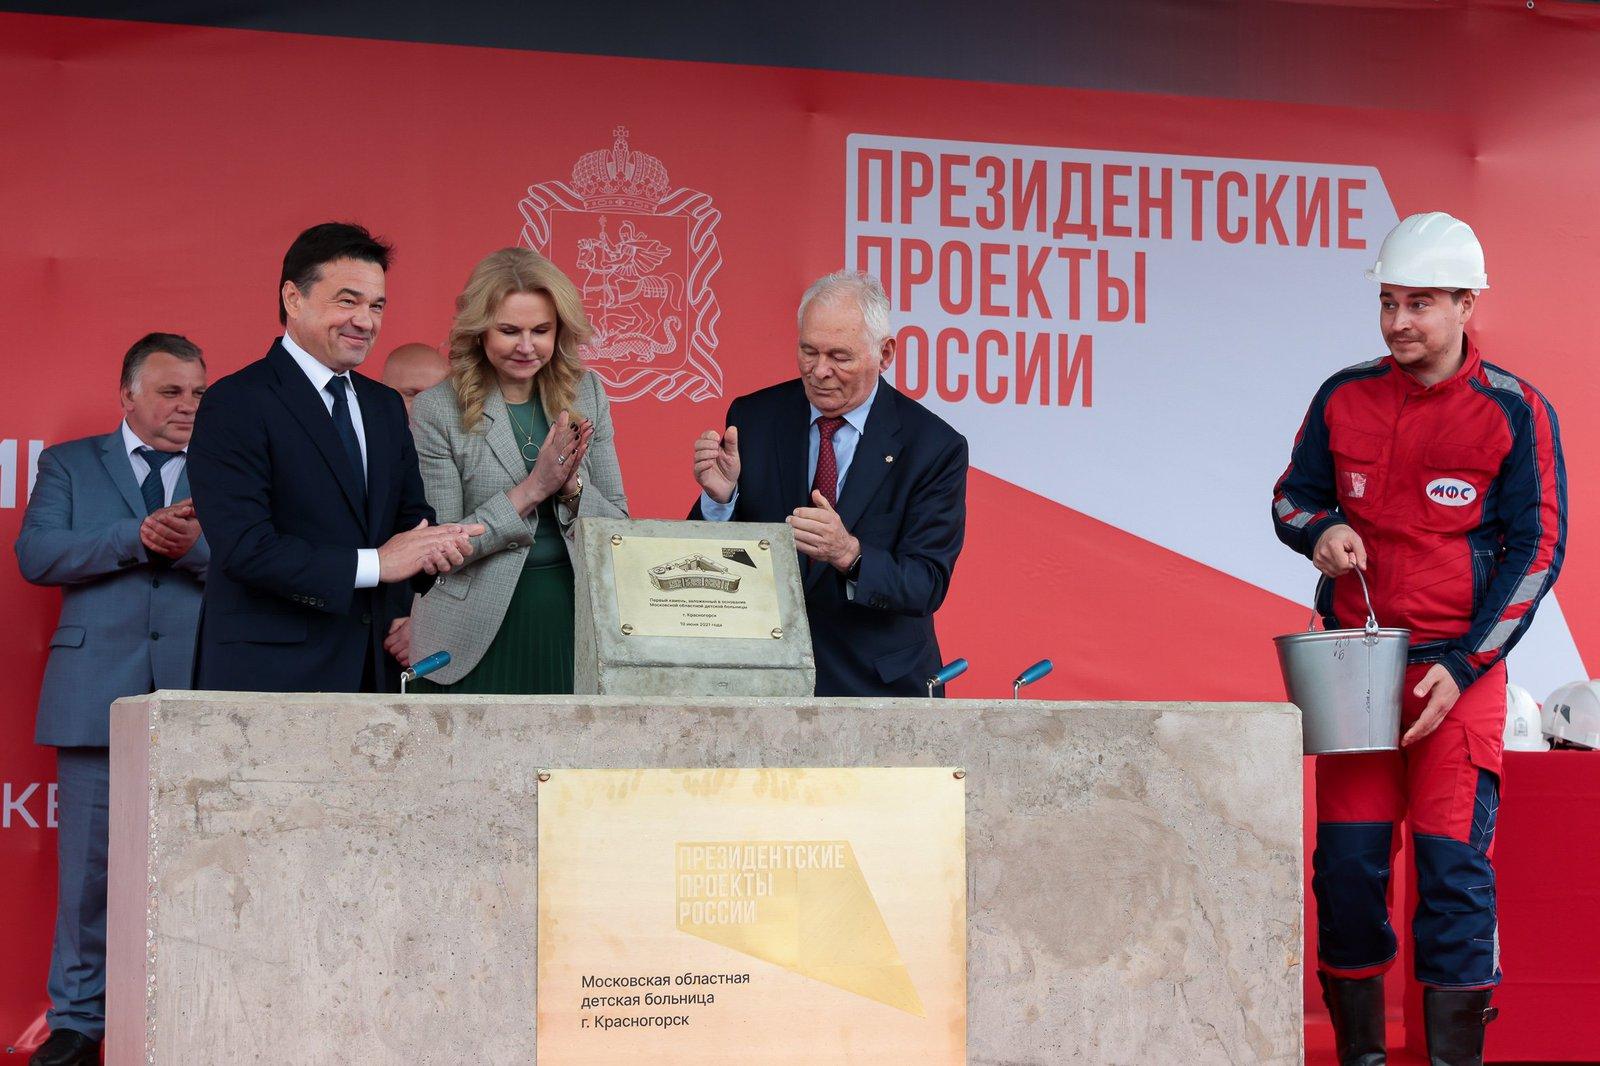 Андрей Воробьев губернатор московской области - Для детей всей страны: уникальный госпиталь начали строить в Красногорске